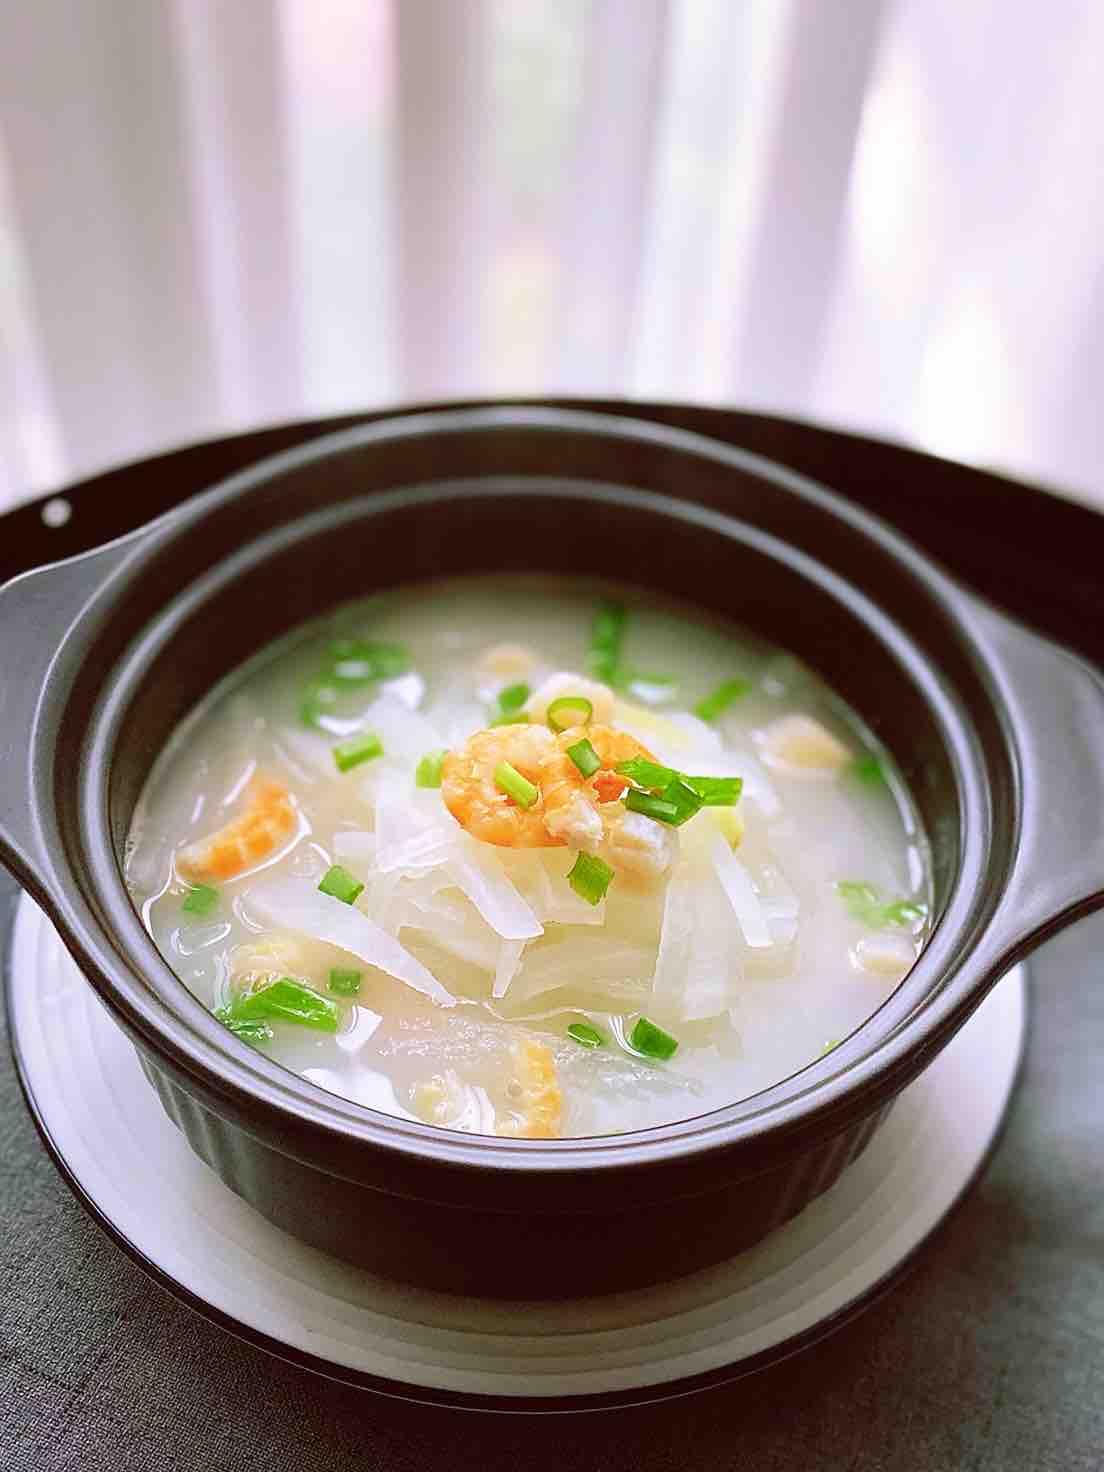 海味萝卜丝汤—味道鲜美